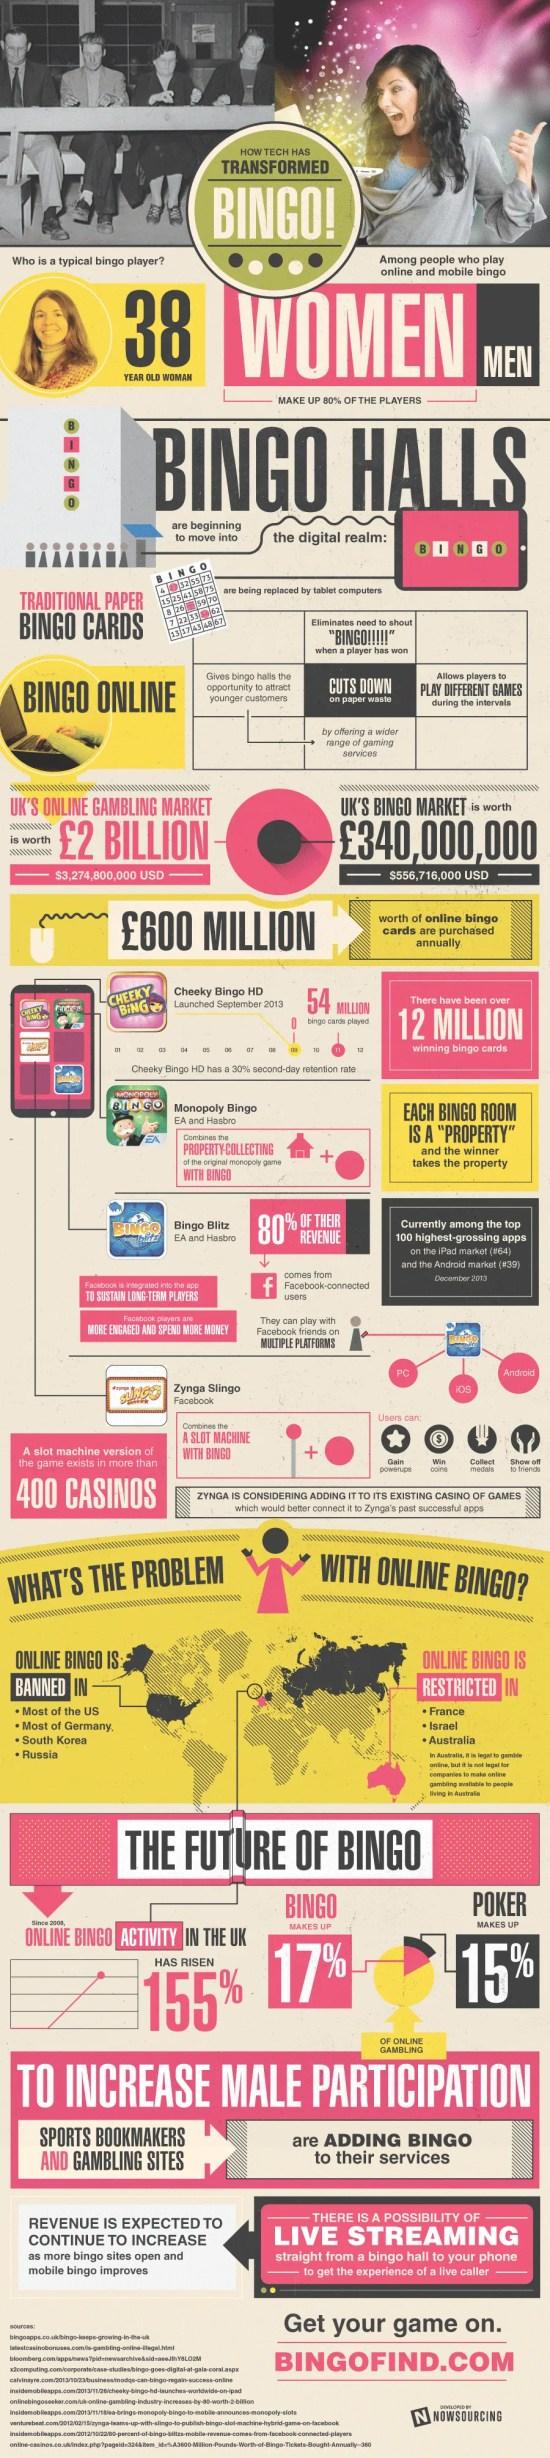 How Tech Has Transformed Bingo